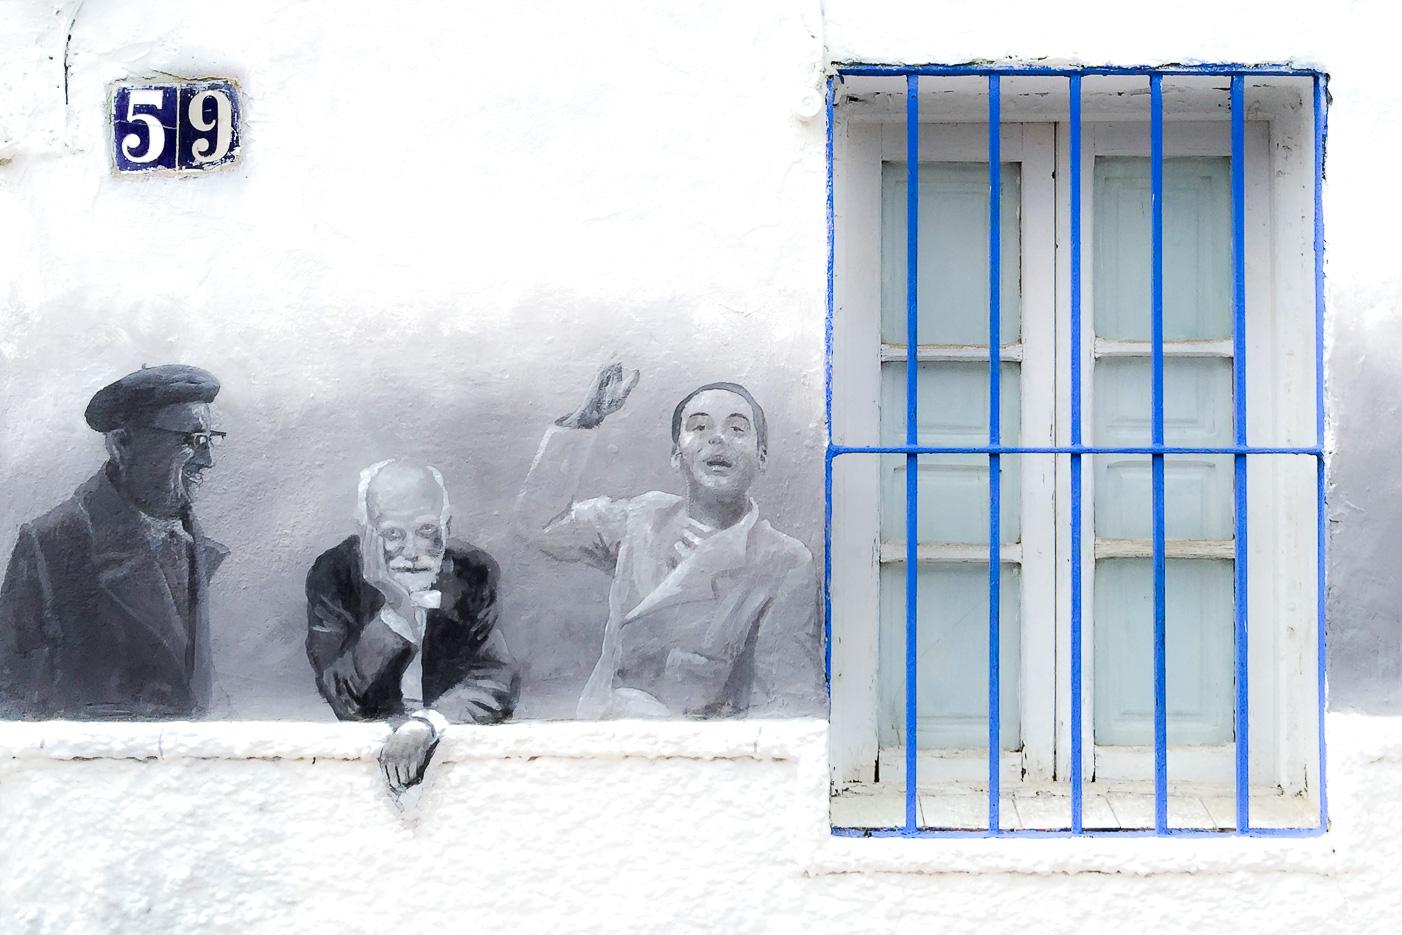 Väggmålning i Nerja